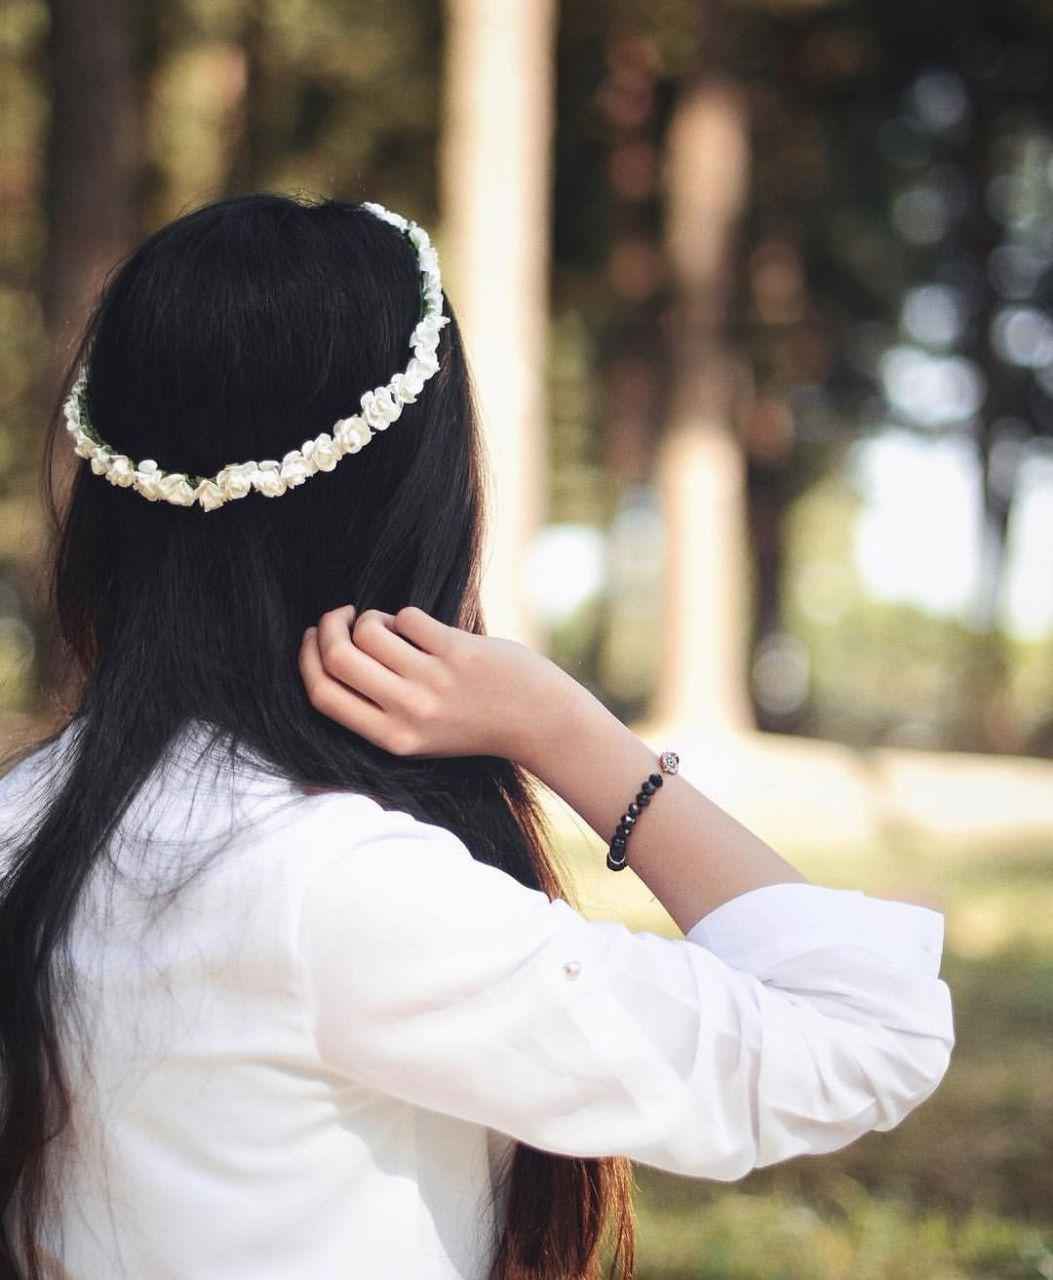 عکس دختر برای پروفایل